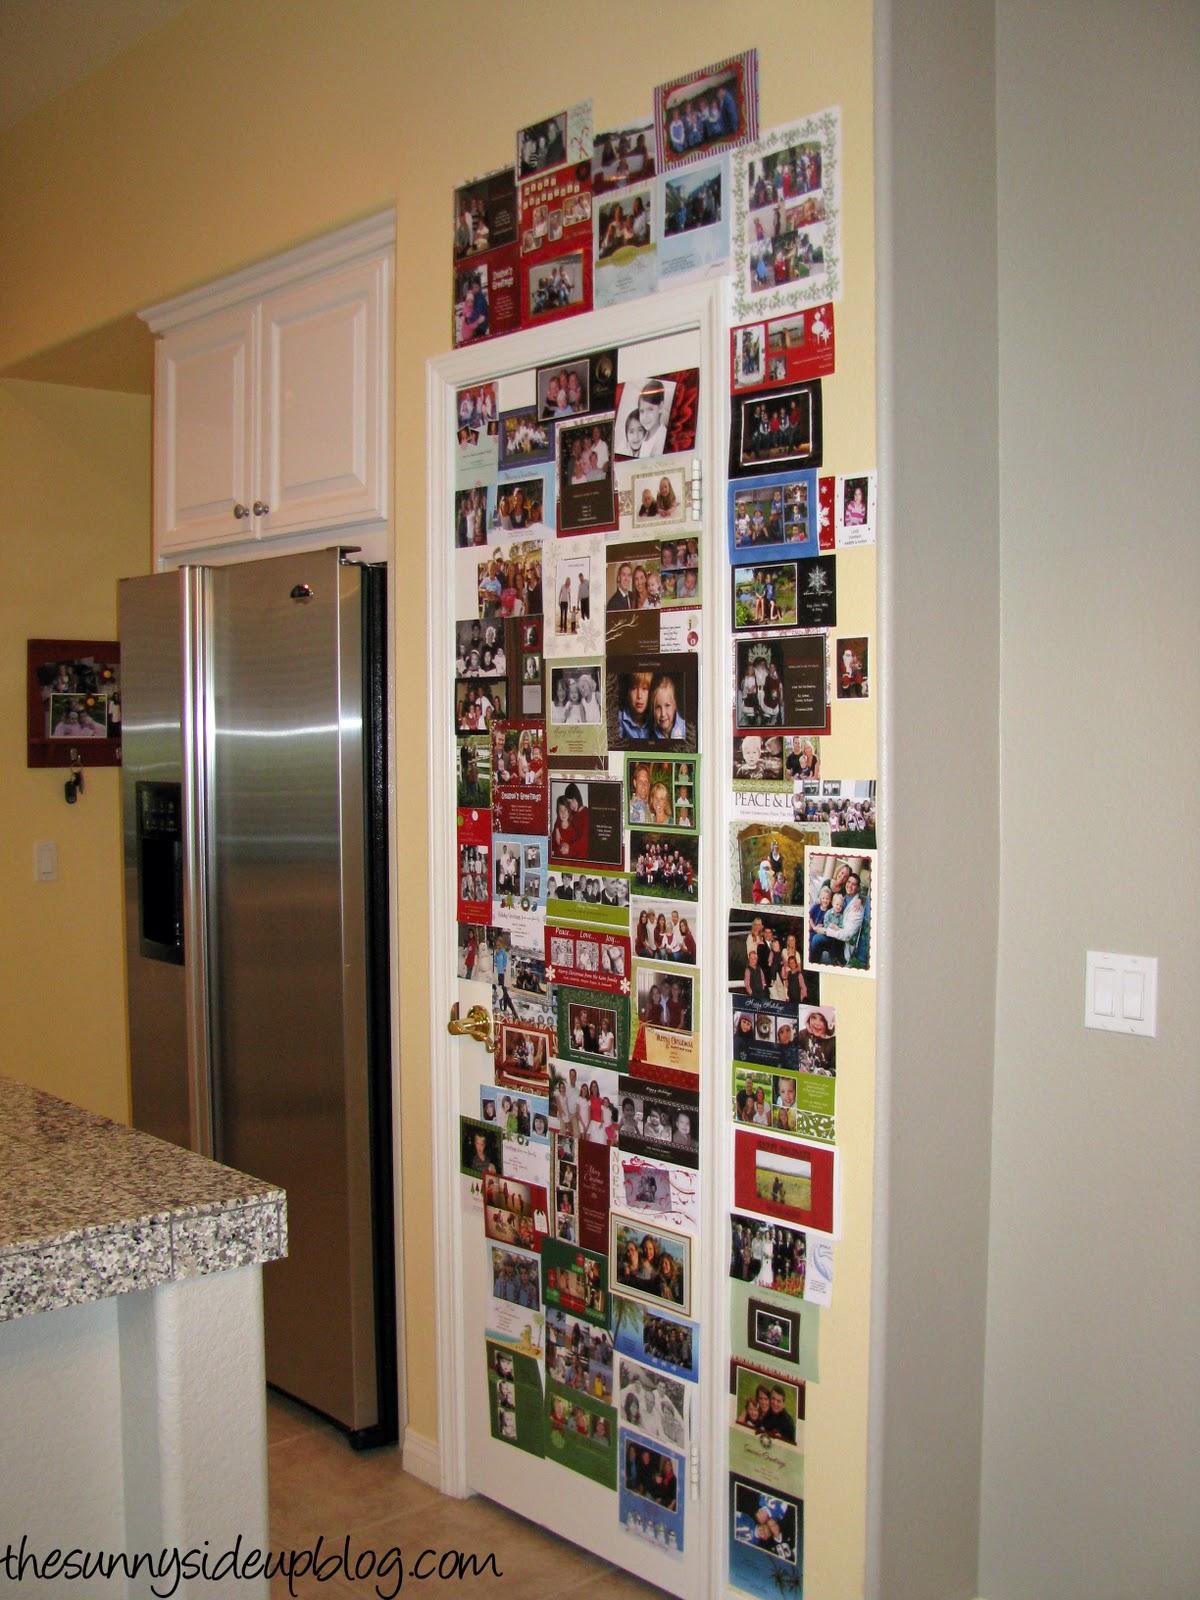 Christmas Card Display.Christmas Card Display The Sunny Side Up Blog